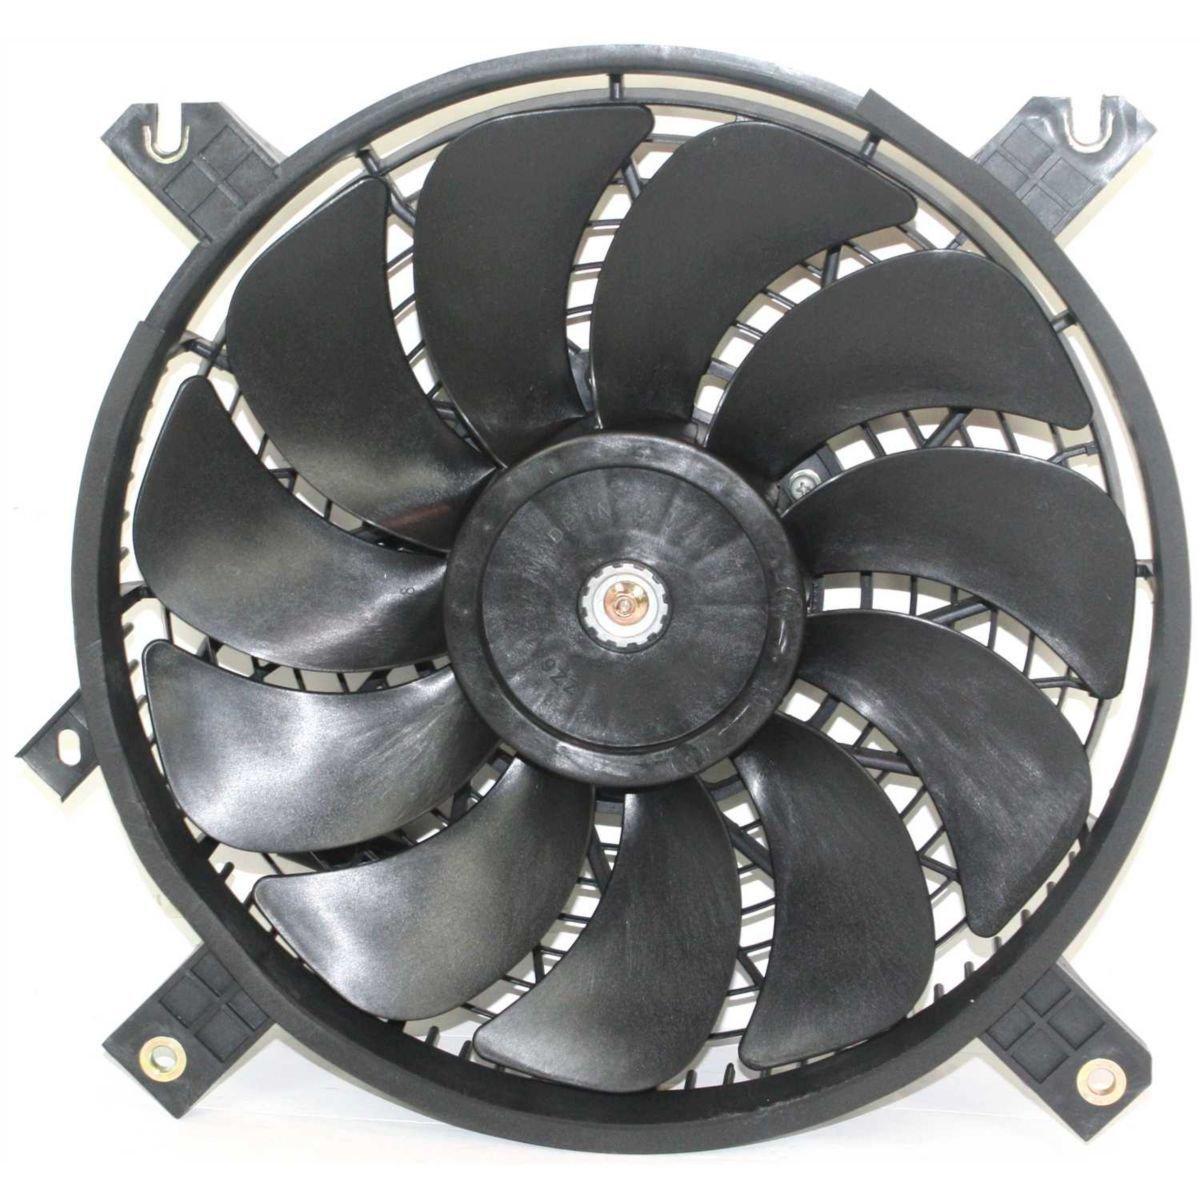 diften 325-a0933-x01 - nuevo a/c AC condensador Ventilador único Asamblea Suzuki Vitara sz3113101 9556065d03: Amazon.es: Coche y moto